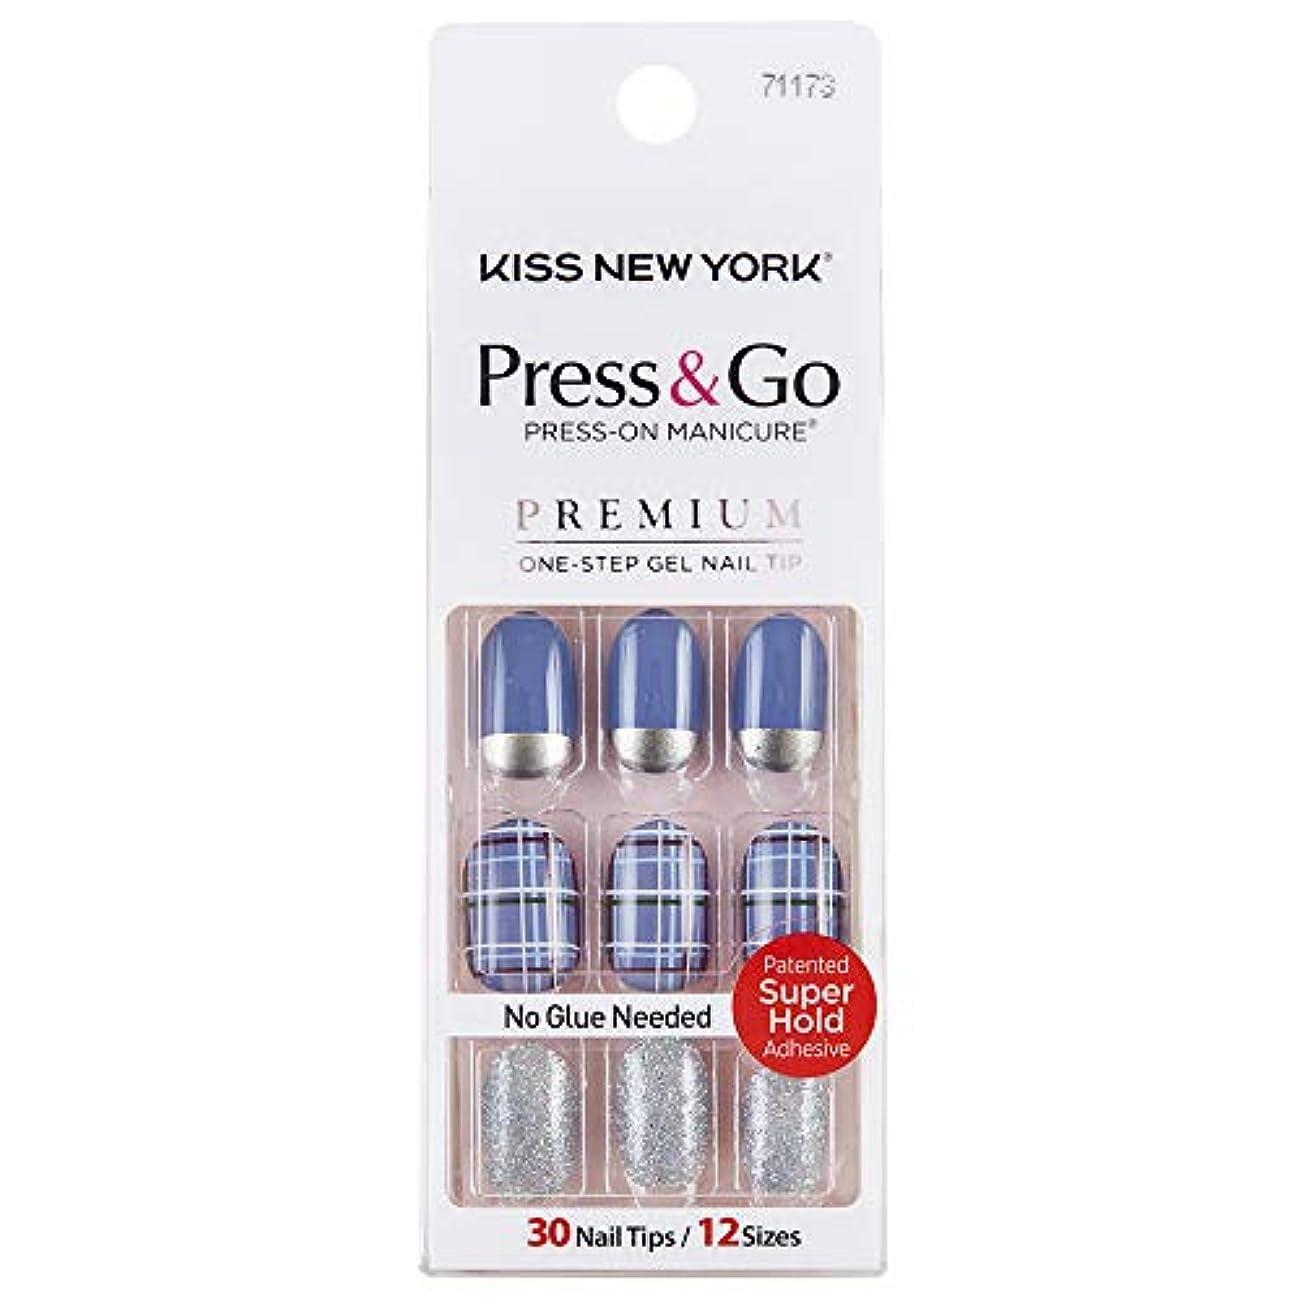 局強調する避難キスニューヨーク (KISS NEW YORK) KISS NEWYORK ネイルチップPress&Go BHJ22J 19g